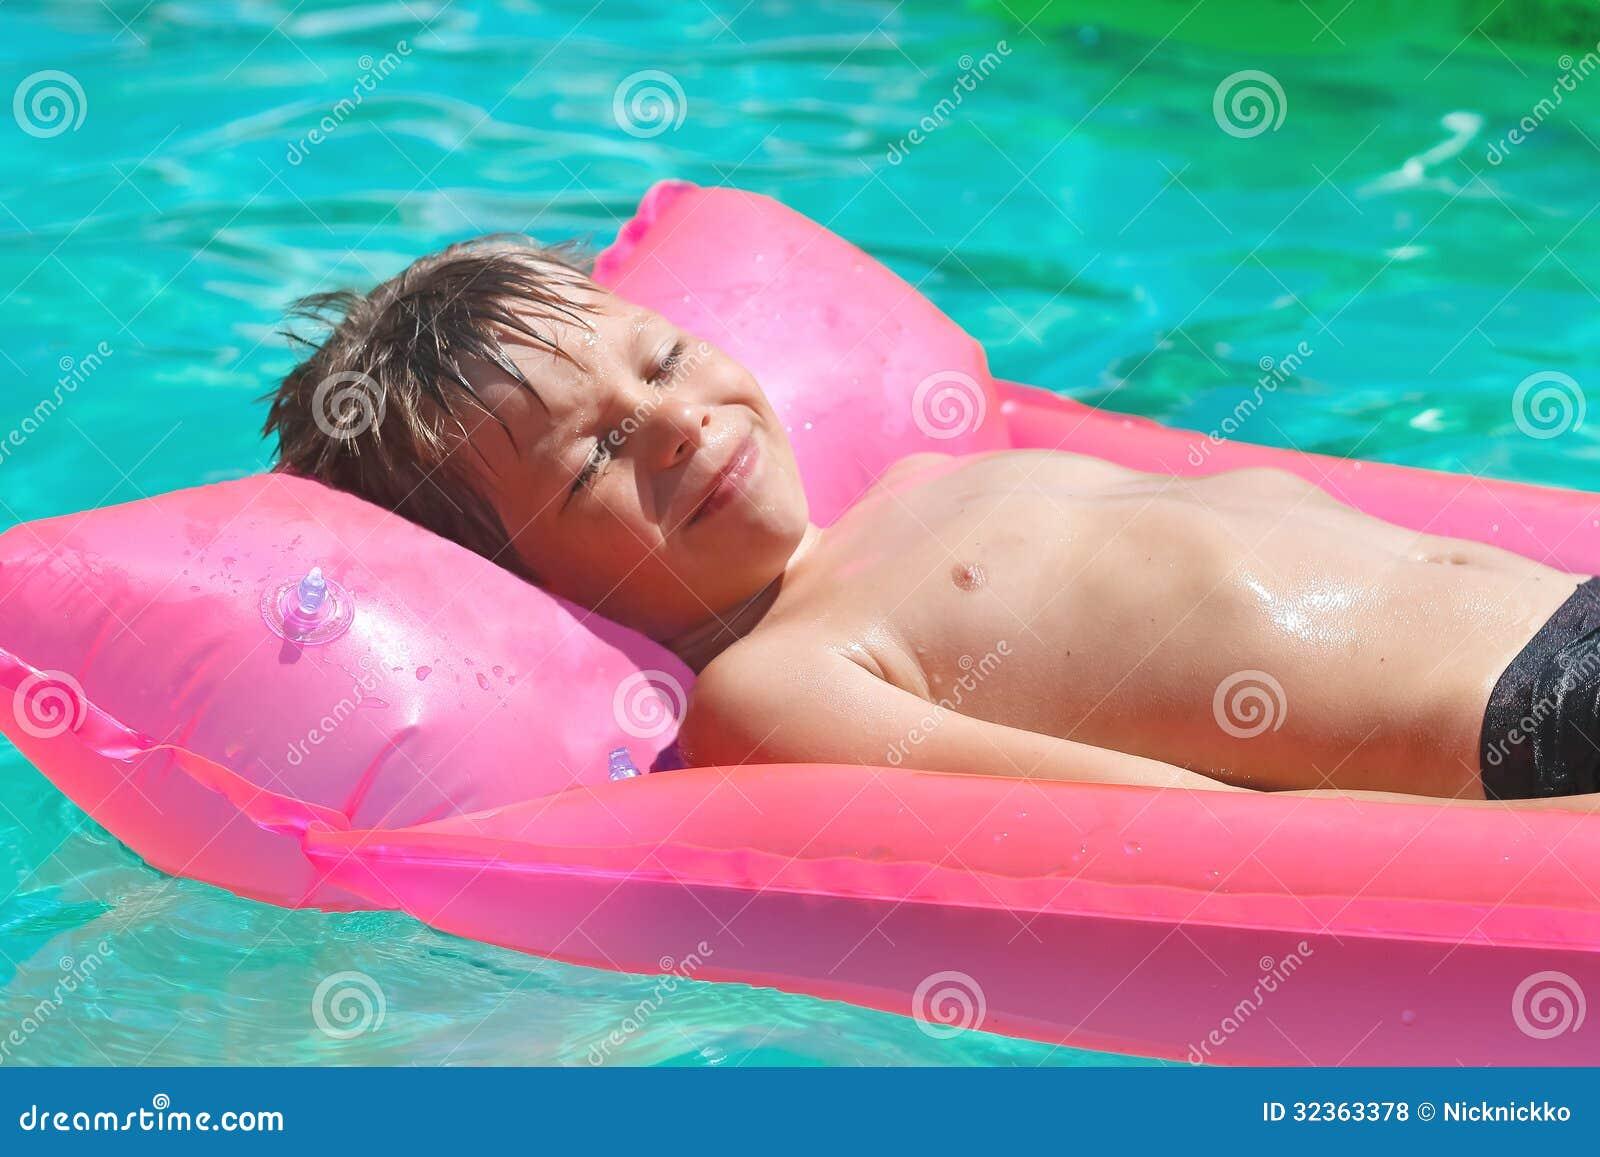 Усмехаясь мальчик лежит на розовом тюфяке